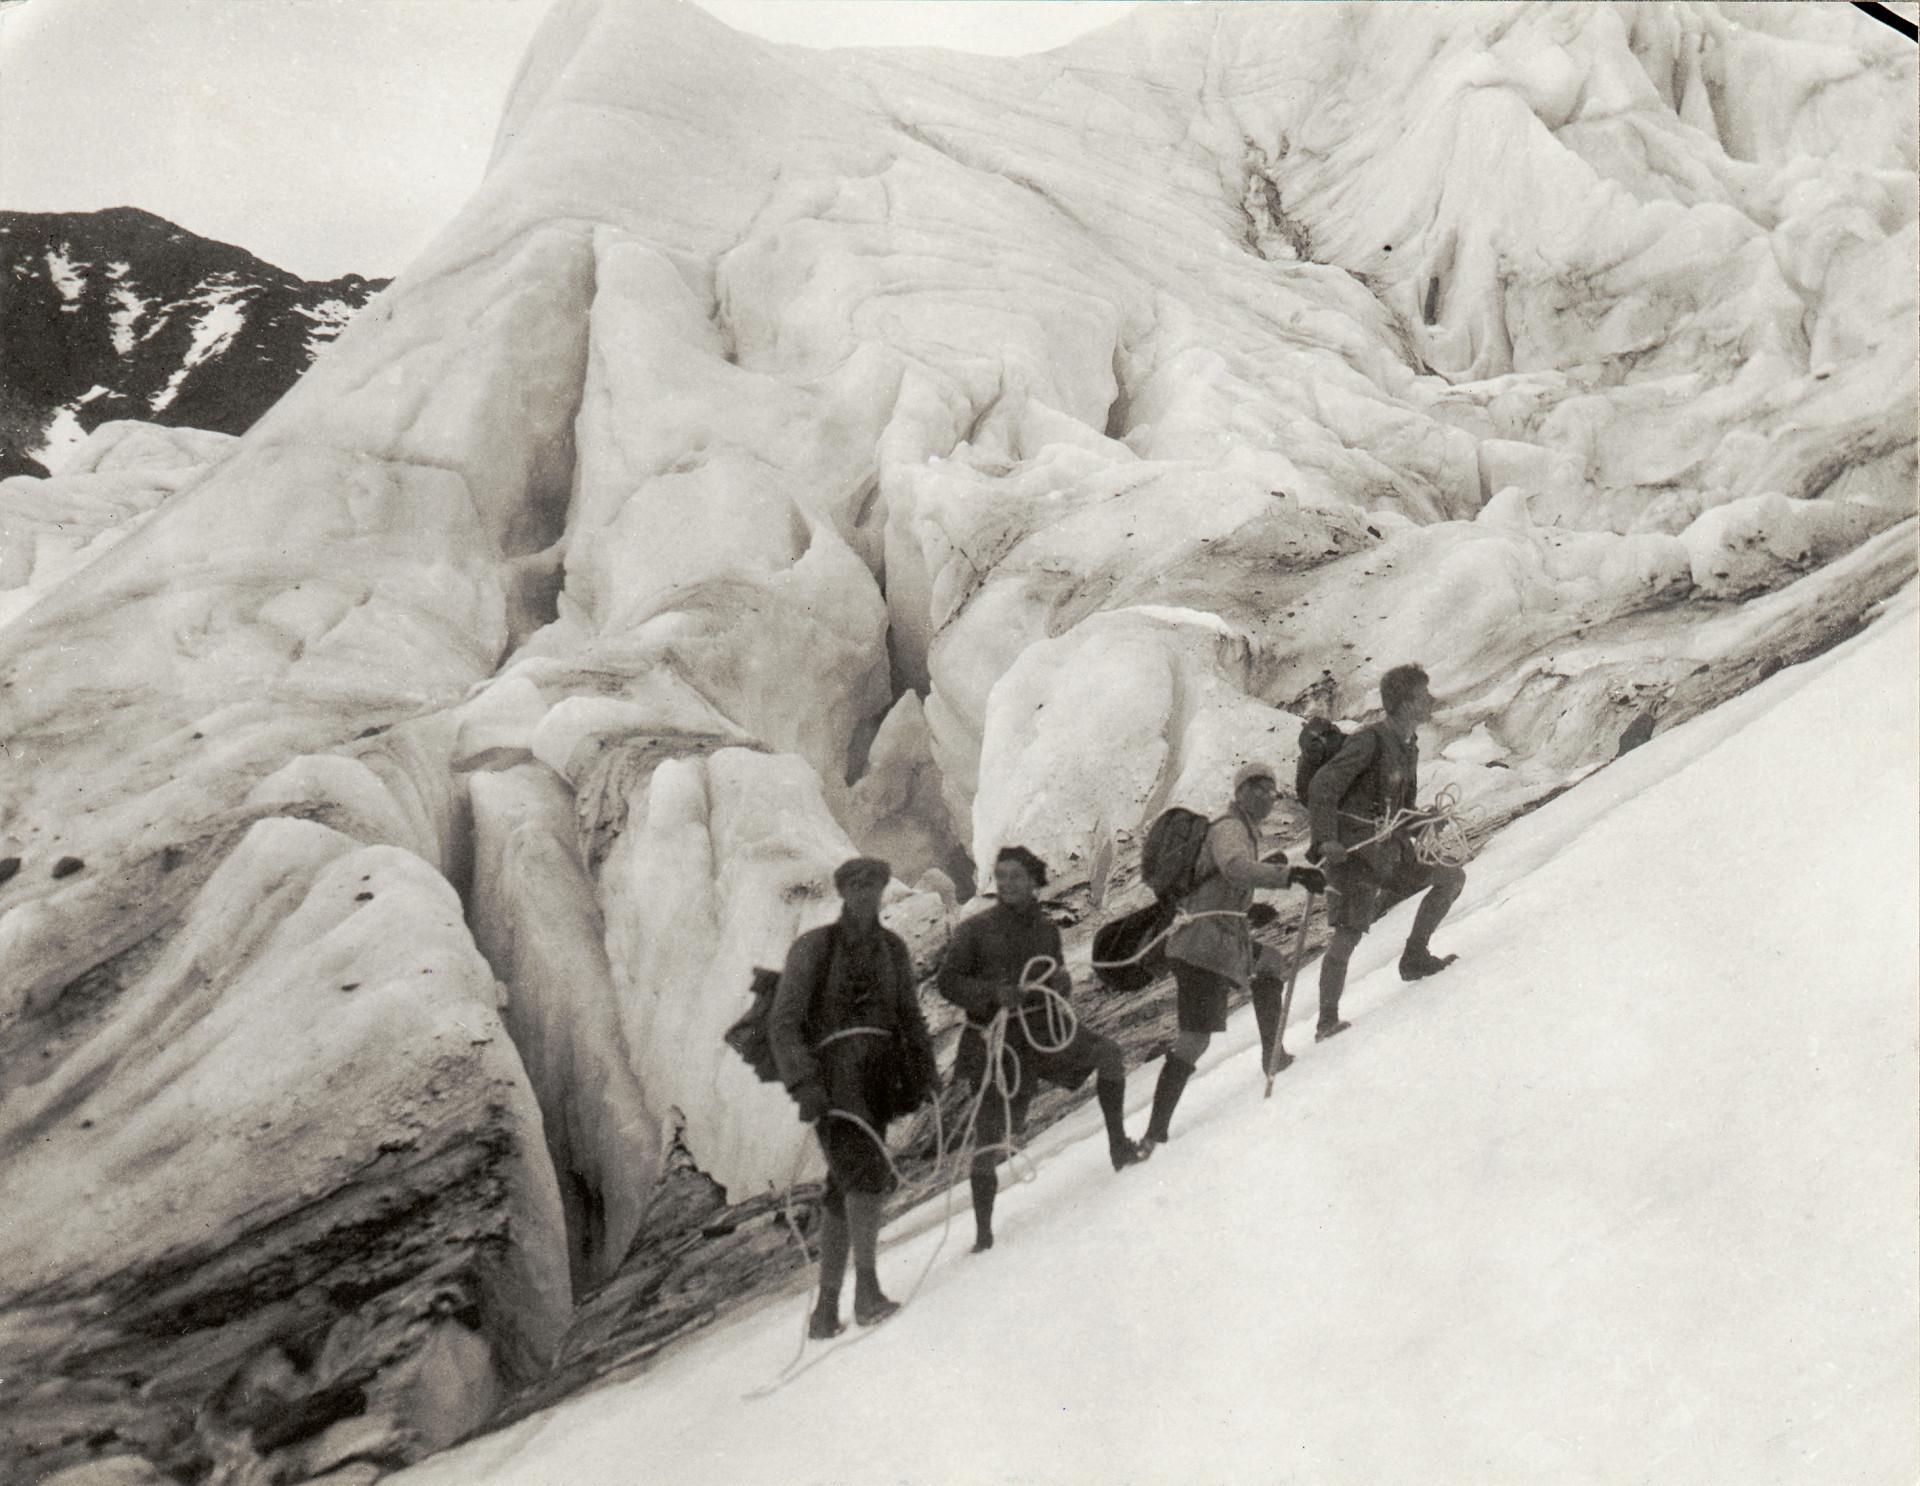 Bergsklättrare på rad i snöigt landskap, sammankopplade med rep. Bestigning av Kebnekaise. Tidigt 1900-tal.